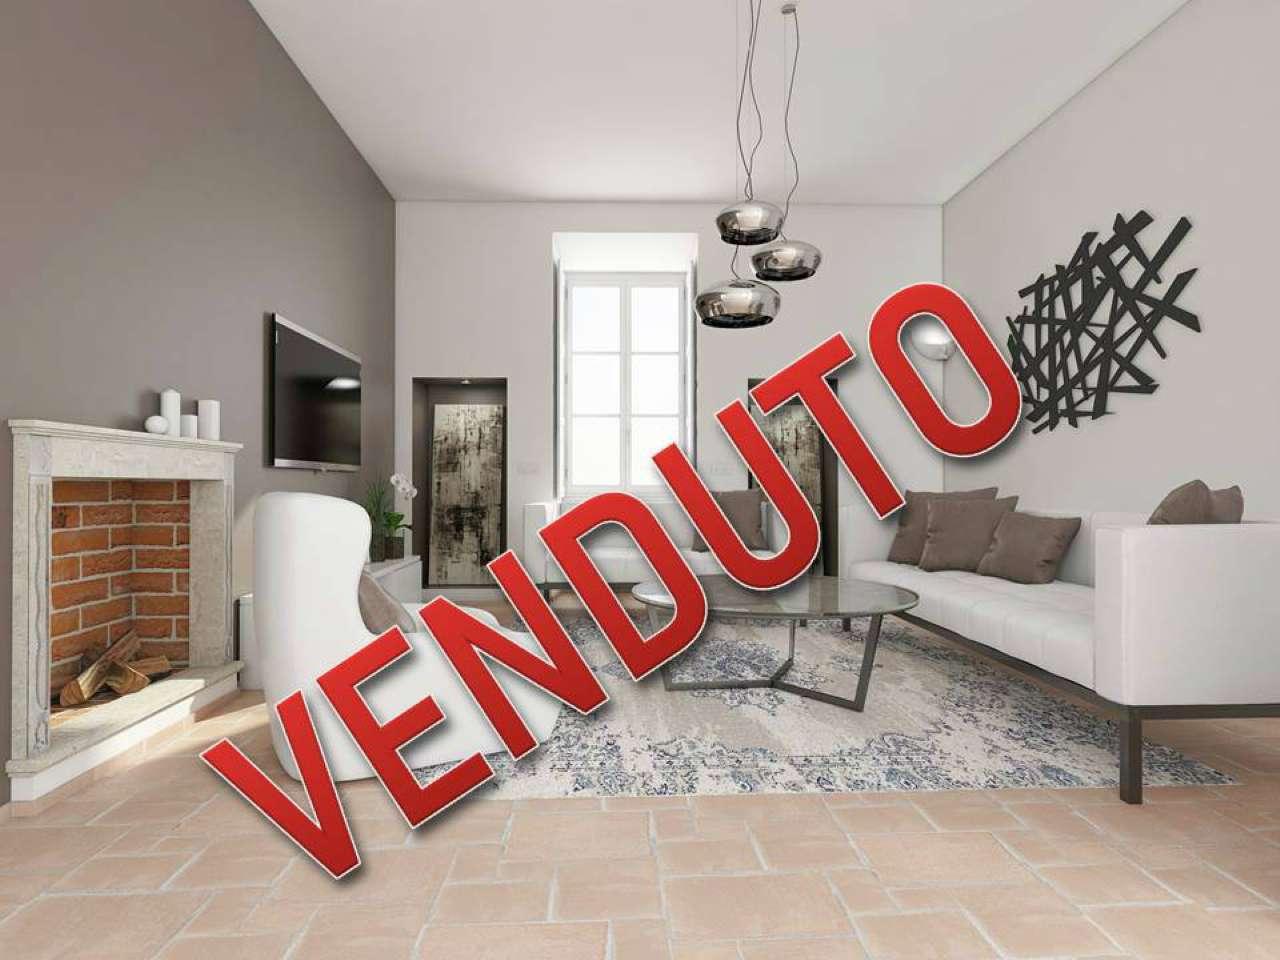 Appartamento in vendita a Merate, 3 locali, prezzo € 247.000 | PortaleAgenzieImmobiliari.it